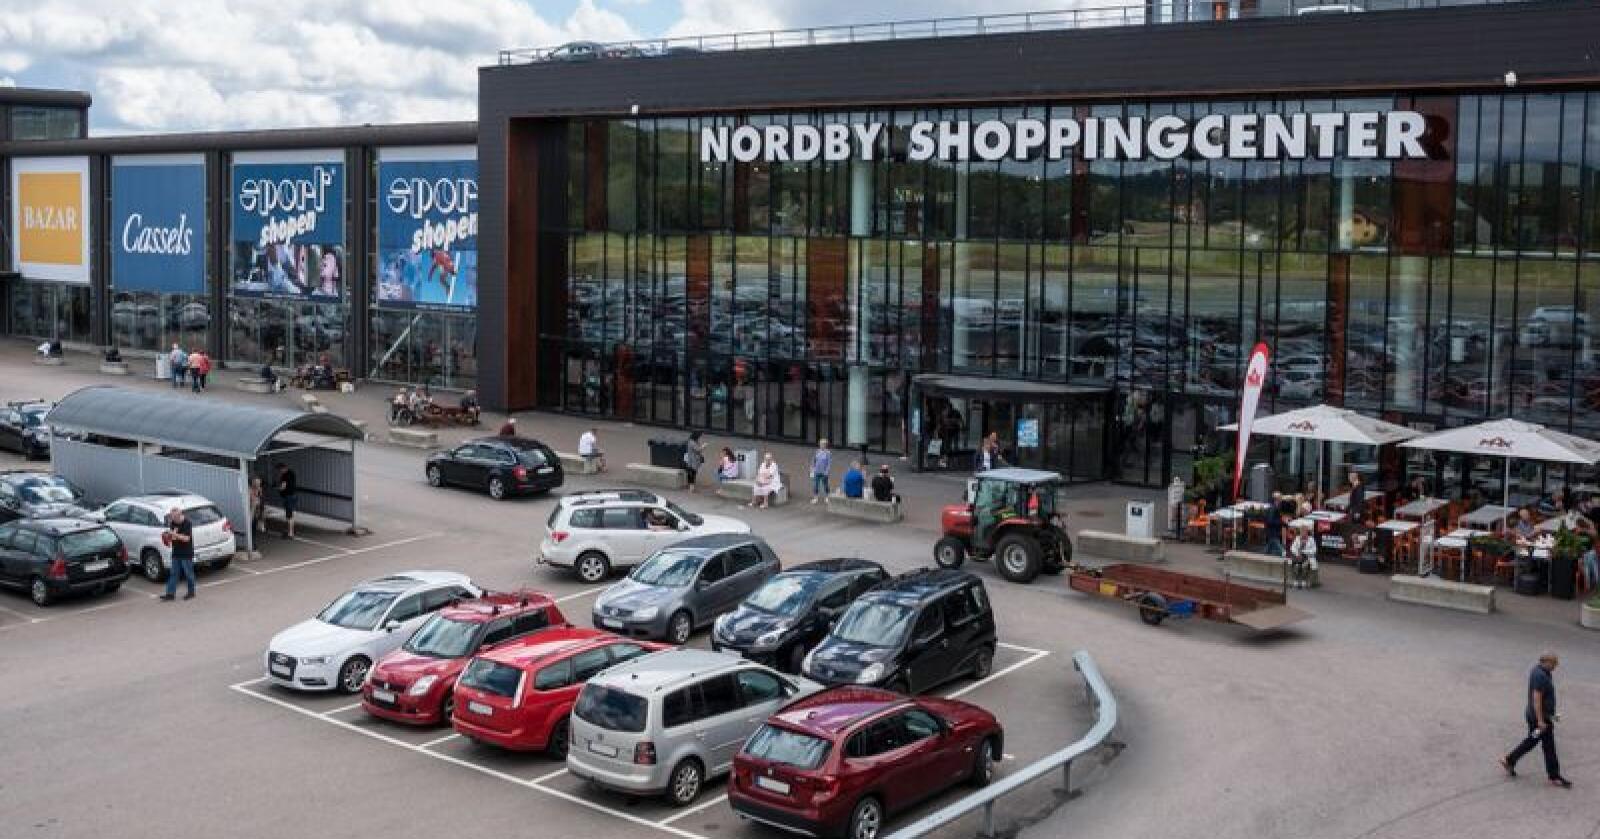 Fullt hus: Nordmenn elsker å «harryhandle» i Sverige. Den norske grensehandelen til landet har økt fra i underkant av 14 milliarder i 2015-16 til 16,3 milliarder i årets første kvartal. Avgiftsøkningene får mye av skylda. Sp forventer både avgiftsreduksjon og fjerning av 350-kronersgrensa. Foto: Mostphotos